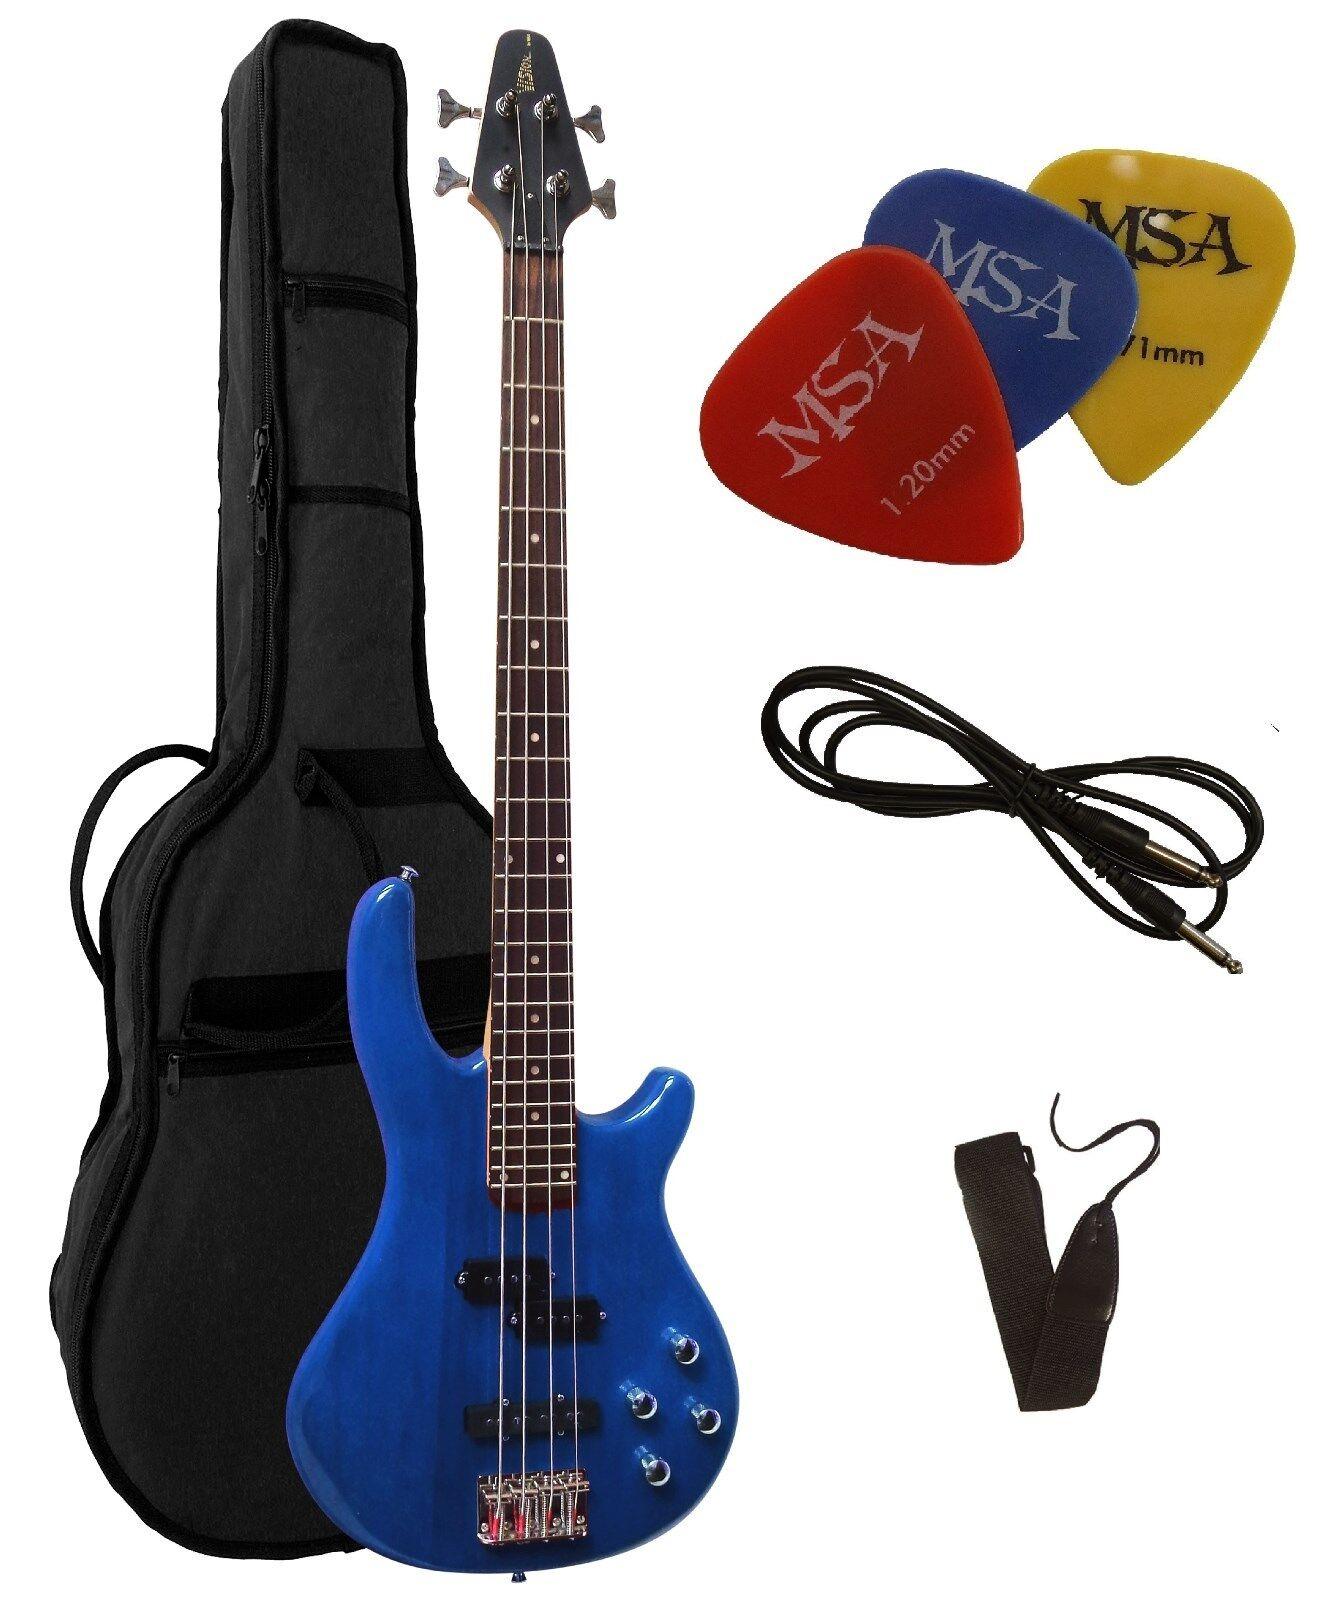 seleziona tra le nuove marche come E-Bass, jb10 blu, di Vision-Con Gigbag-CUSTODIA + CINGHIA CINGHIA CINGHIA volume +3 xpiks-tono  N  con il prezzo economico per ottenere la migliore marca